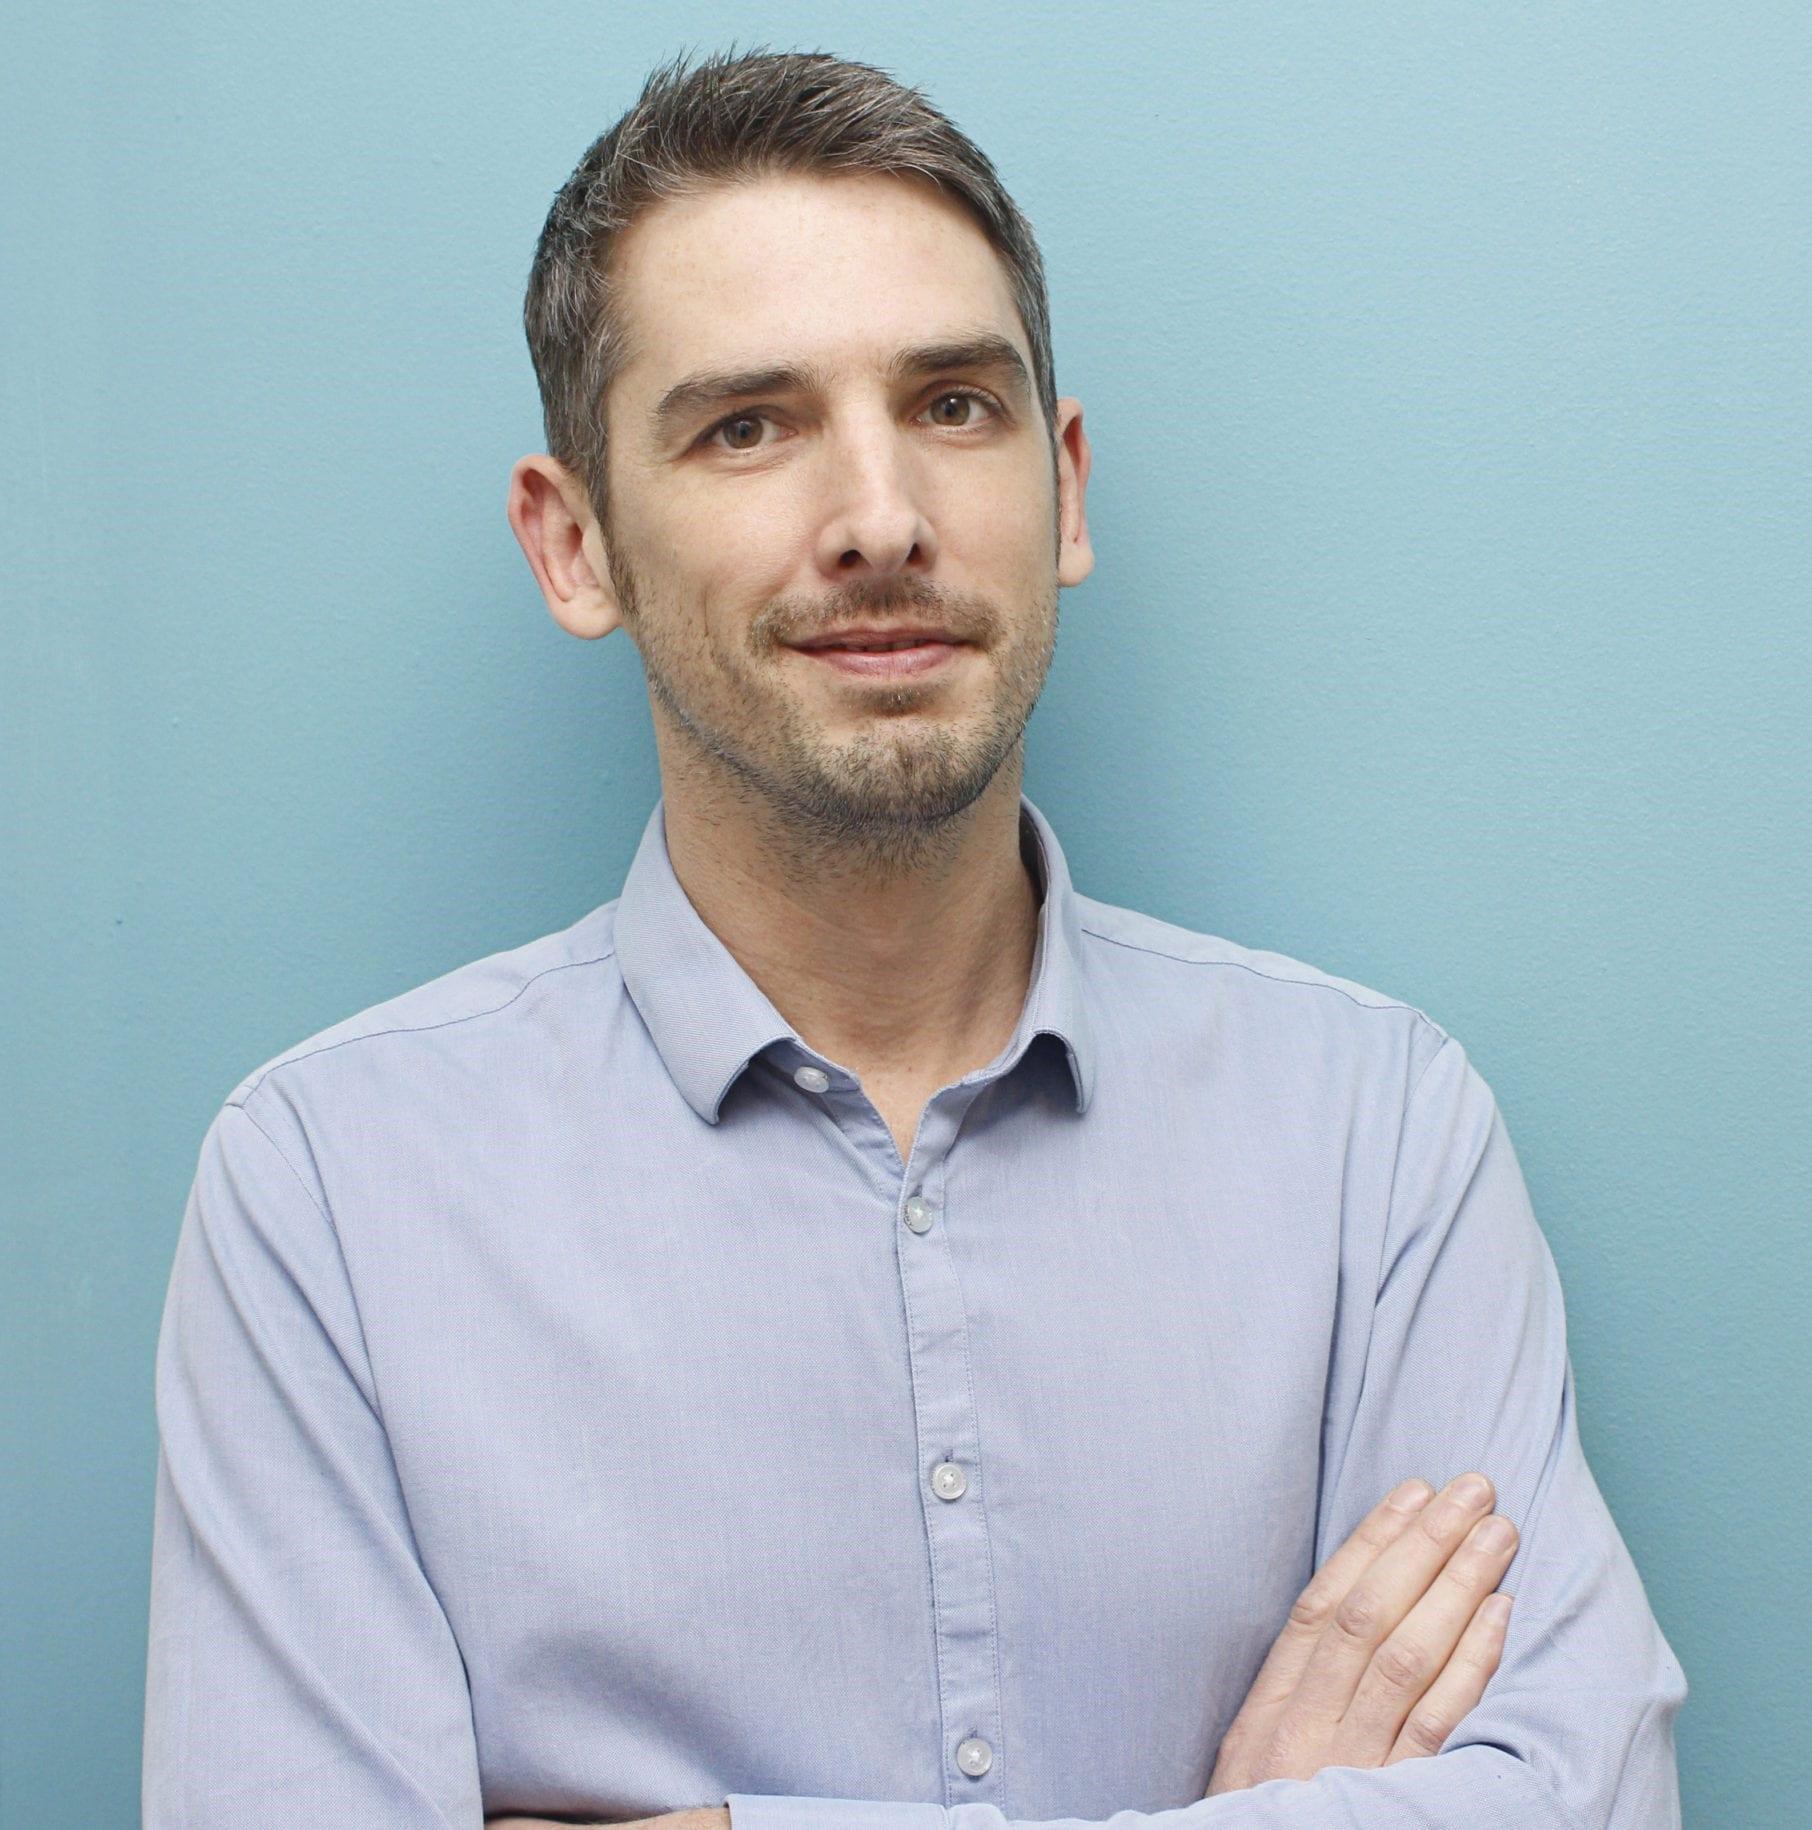 David Lockie smiles with arms folded